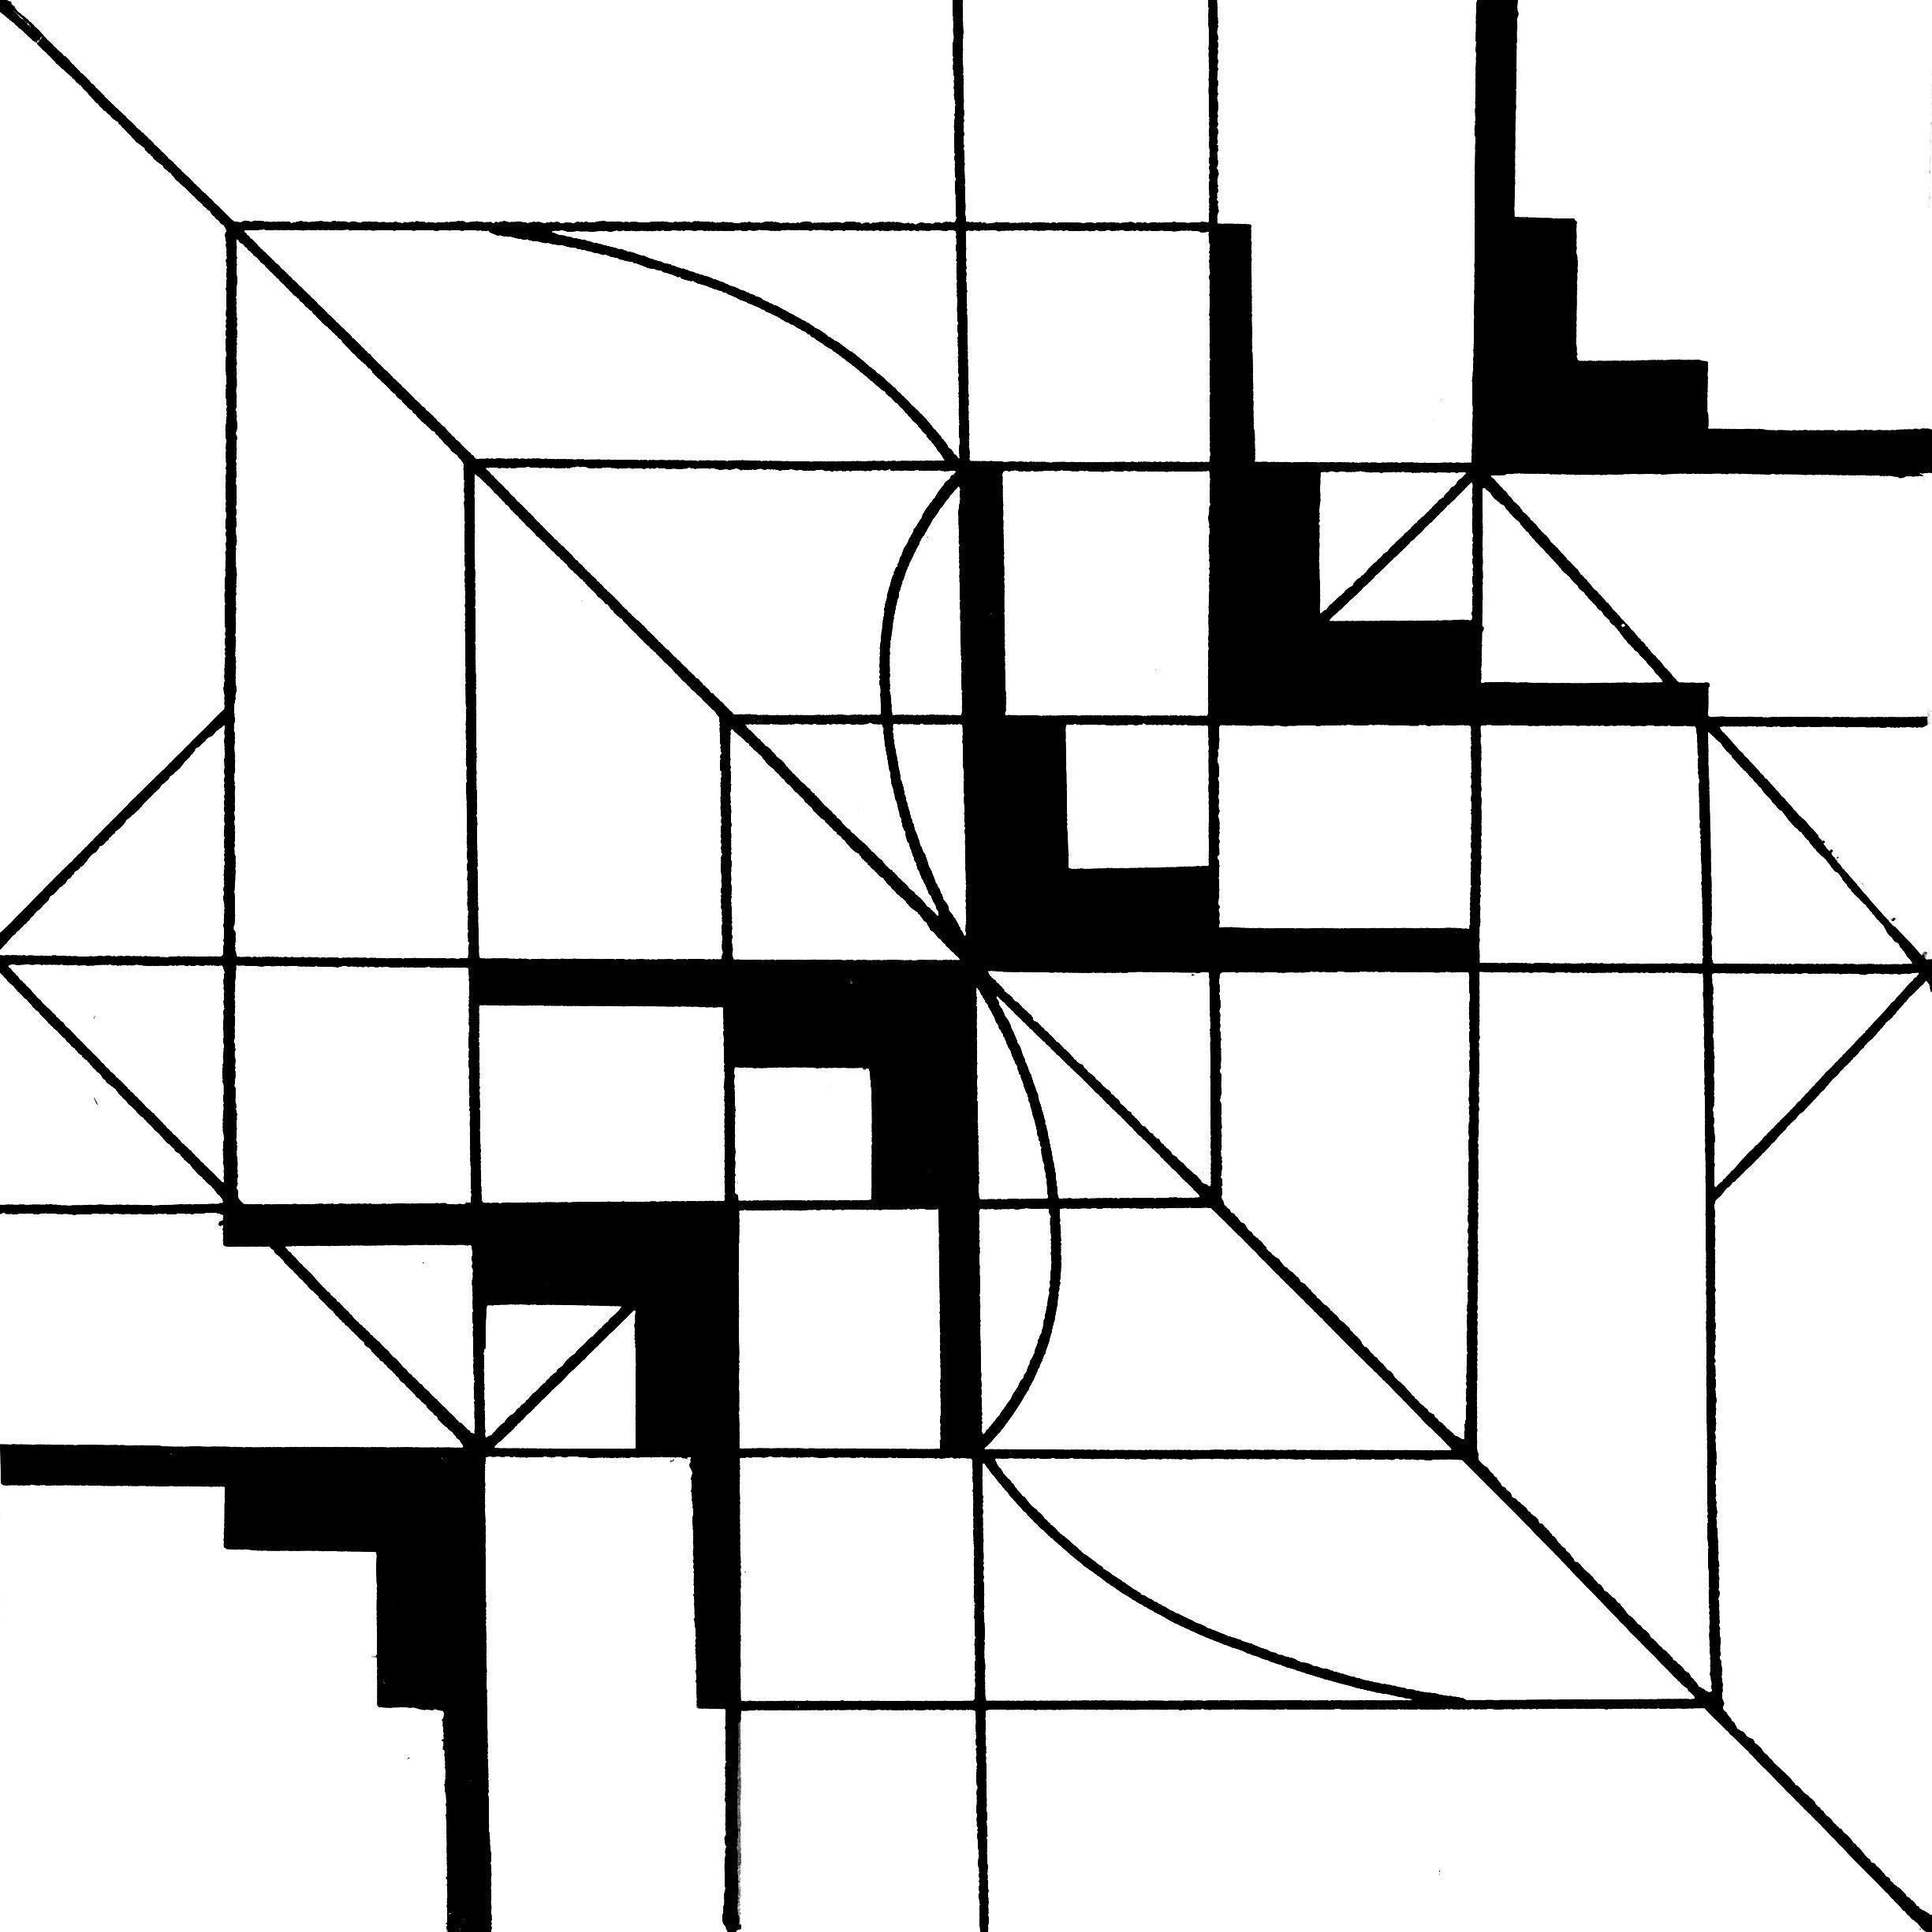 резервуаром вируса, симметрия рисунки карандашом квадраты наряду ногтями детки